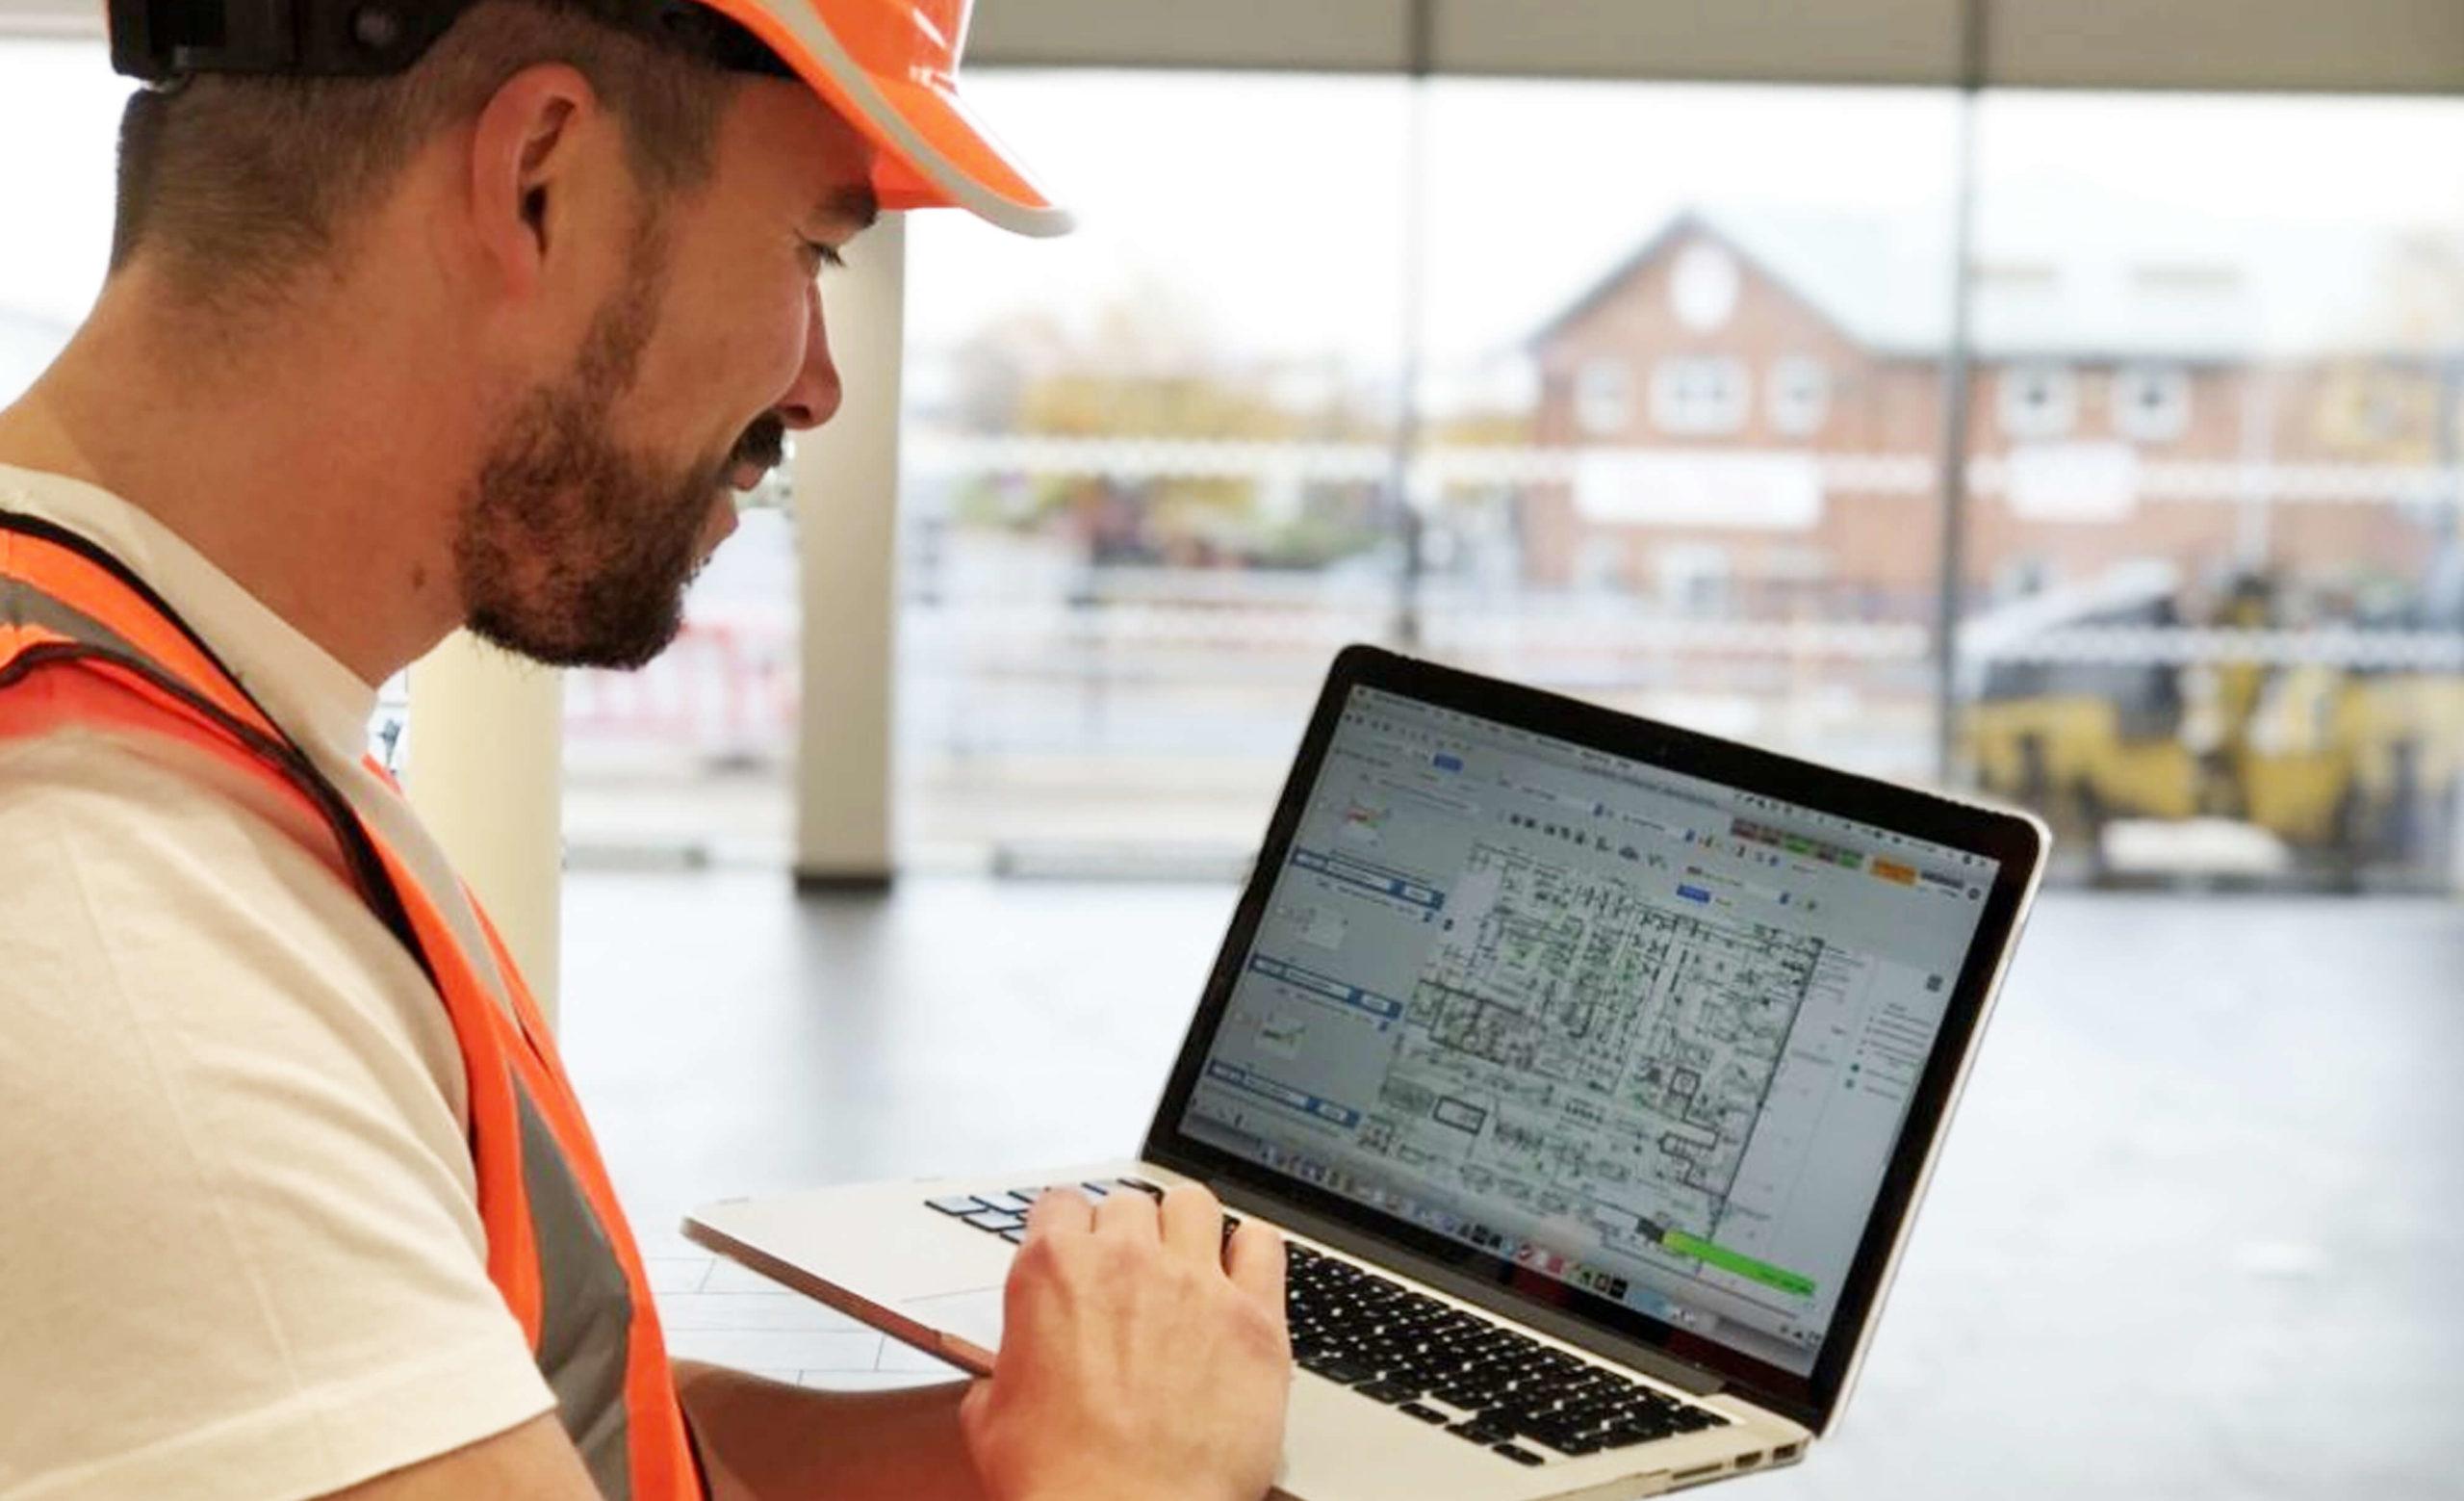 WiFi Meting - WAS meting | De Netwerkspecialist